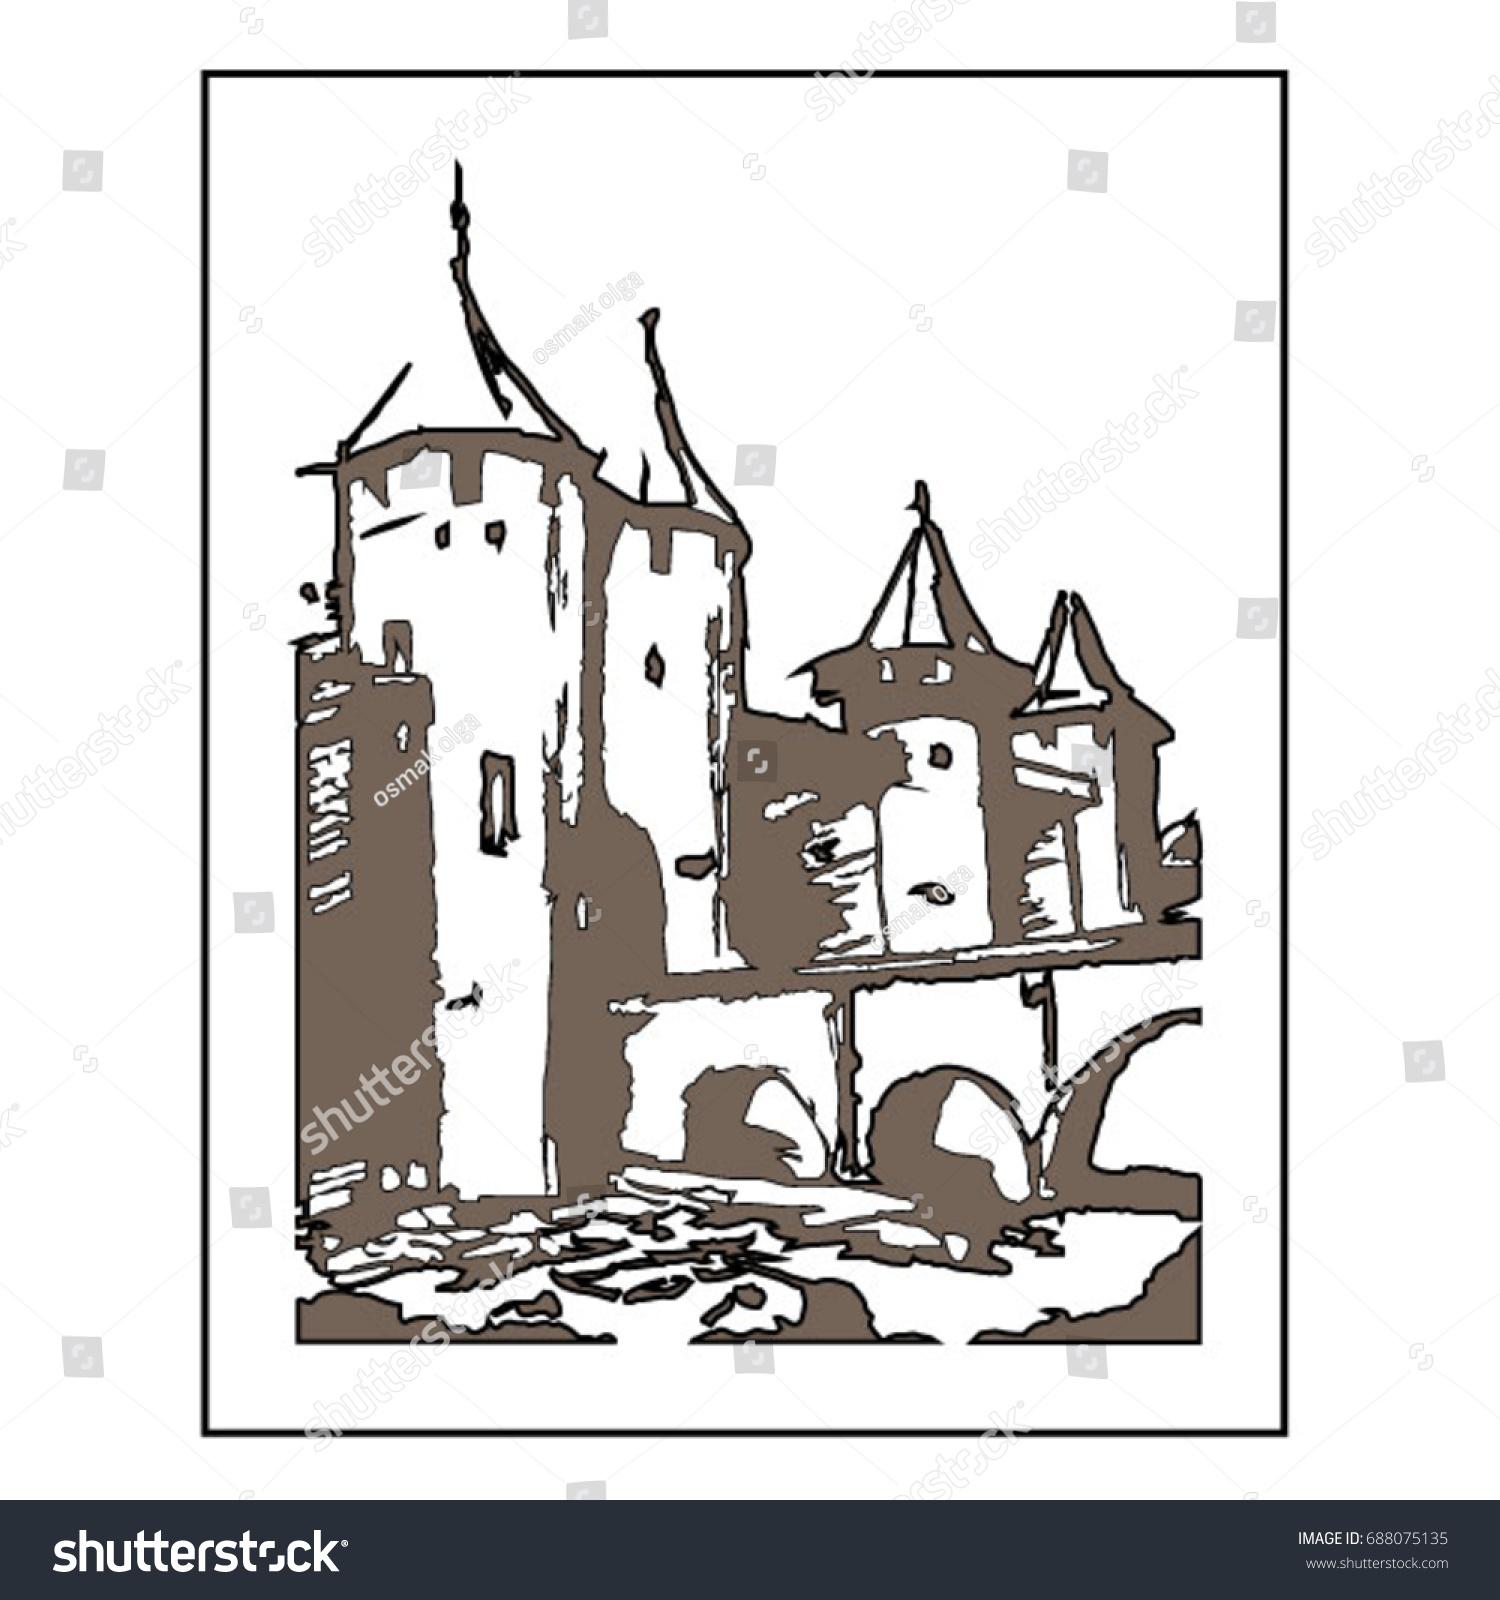 Drawing Pencil Landscape Architecture Castle Art Stock Vector